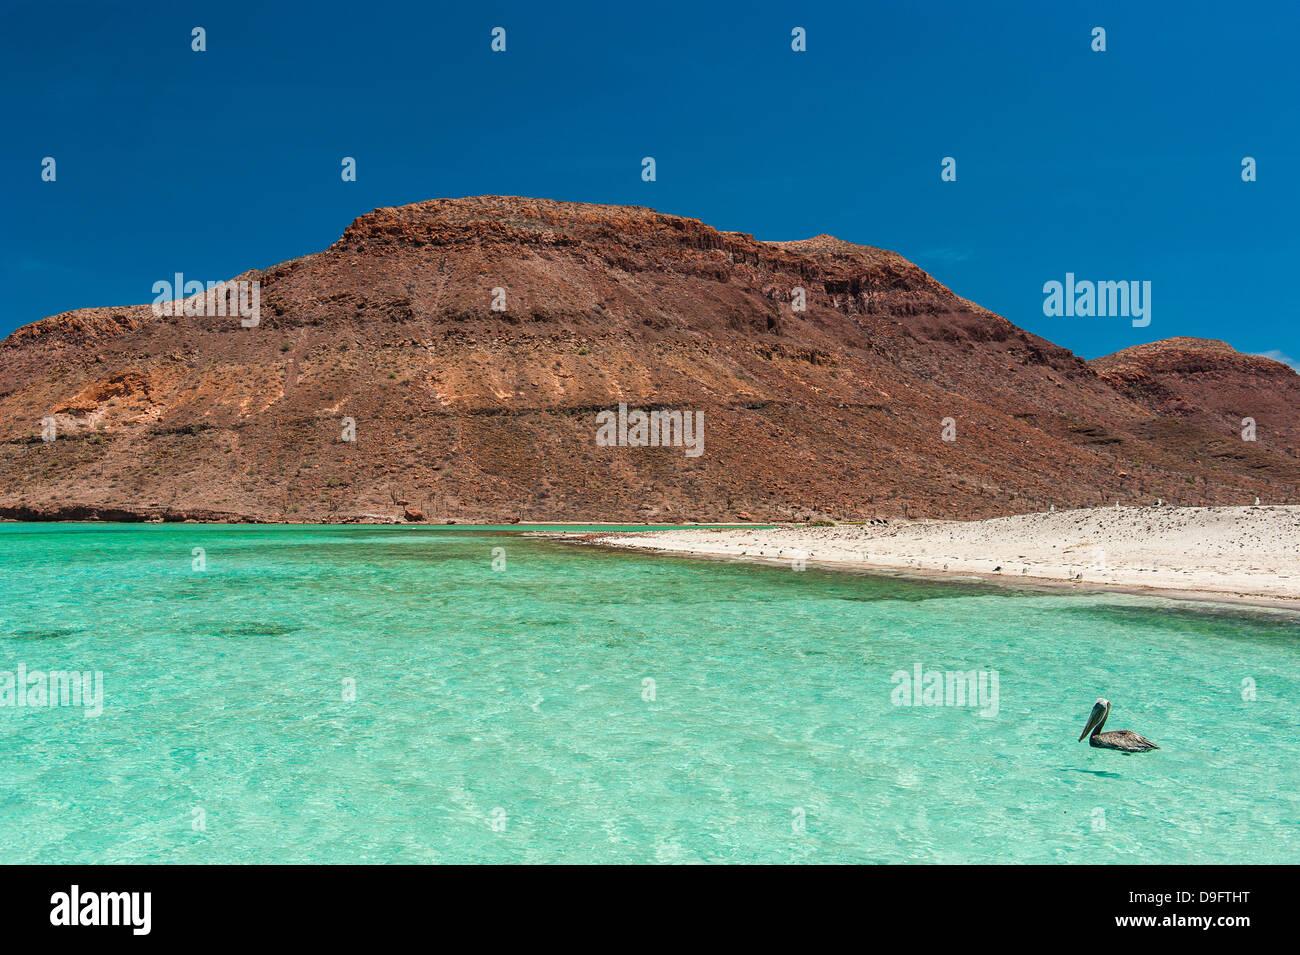 Pelikane im türkisfarbenen Wasser auf Isla Espiritu Santo, Baja California, Mexiko Stockbild